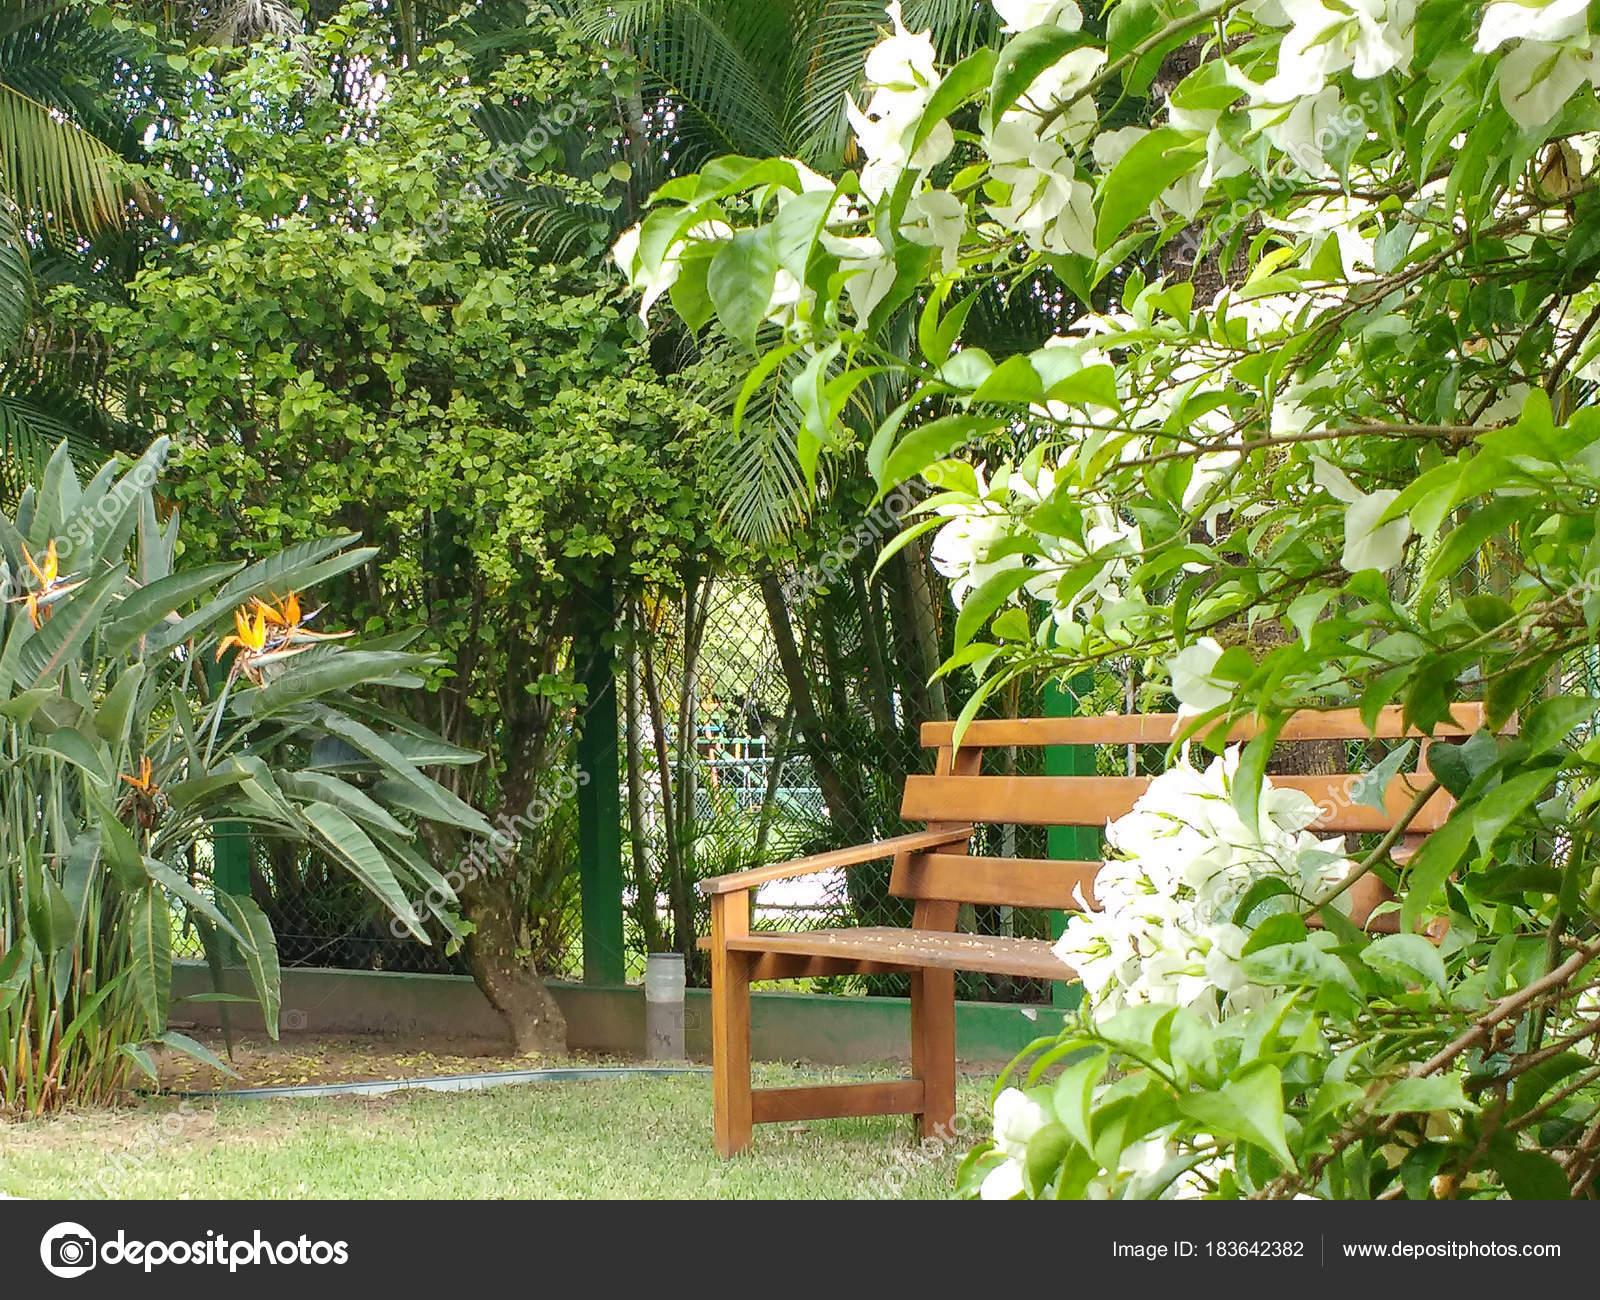 Banc Bois Ombre Fond Jardin Entourée Fleurs Vert Forêt Journée ...